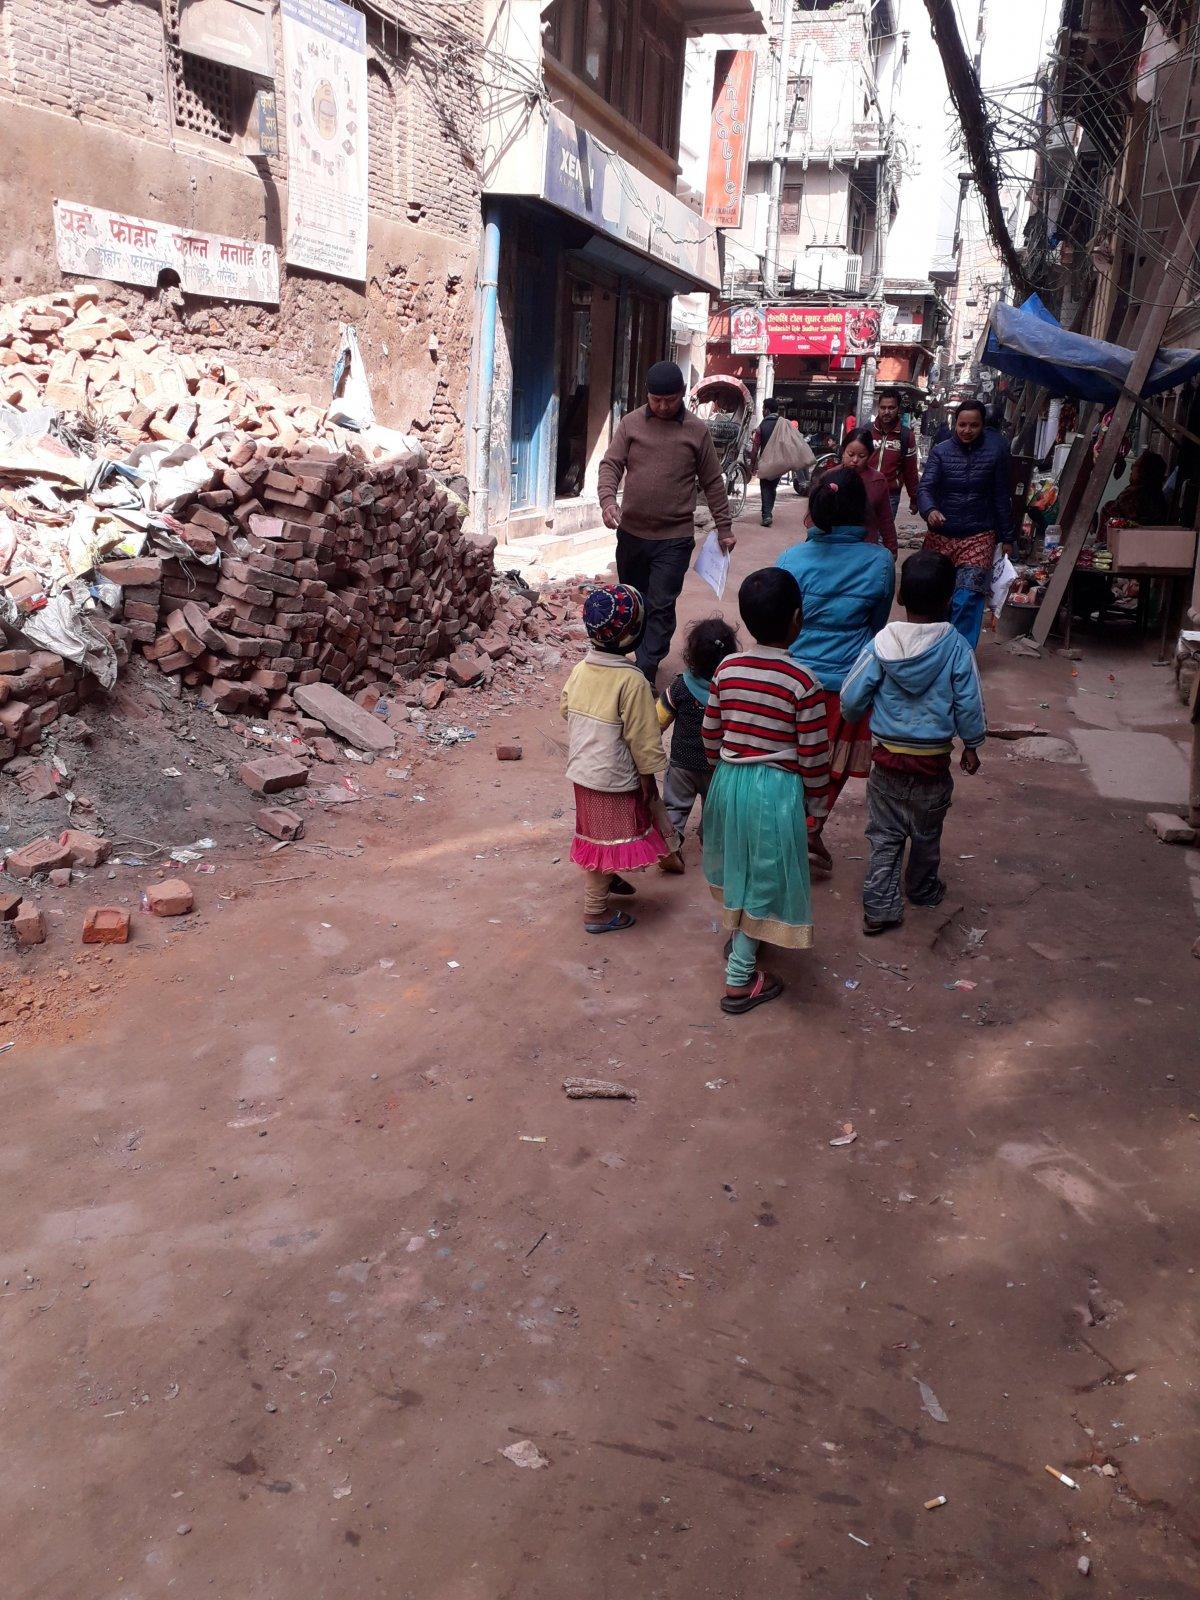 Katmanduban sok helyen látható, hogy a 2015-ös áprilisi földrengés nyomait még nem sikerült helyrehozni és eltakarítani •  Fotó: Kiss Judit